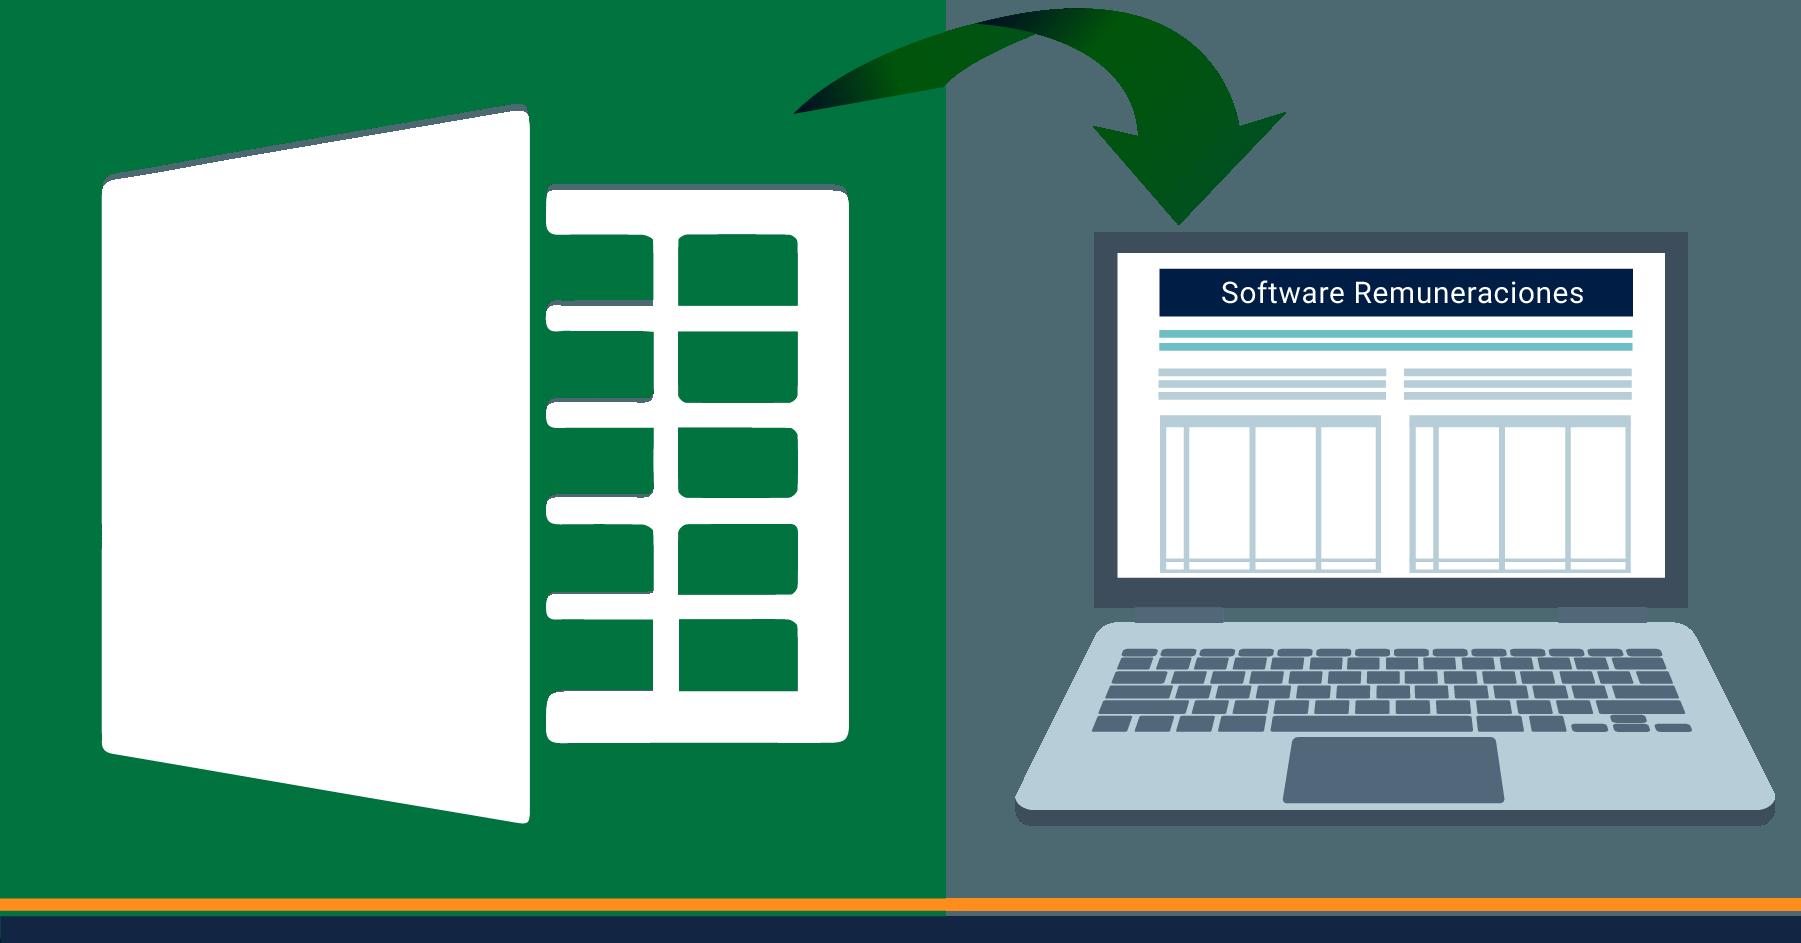 ¿Cómo pasar de Excel a un sistema de remuneraciones?